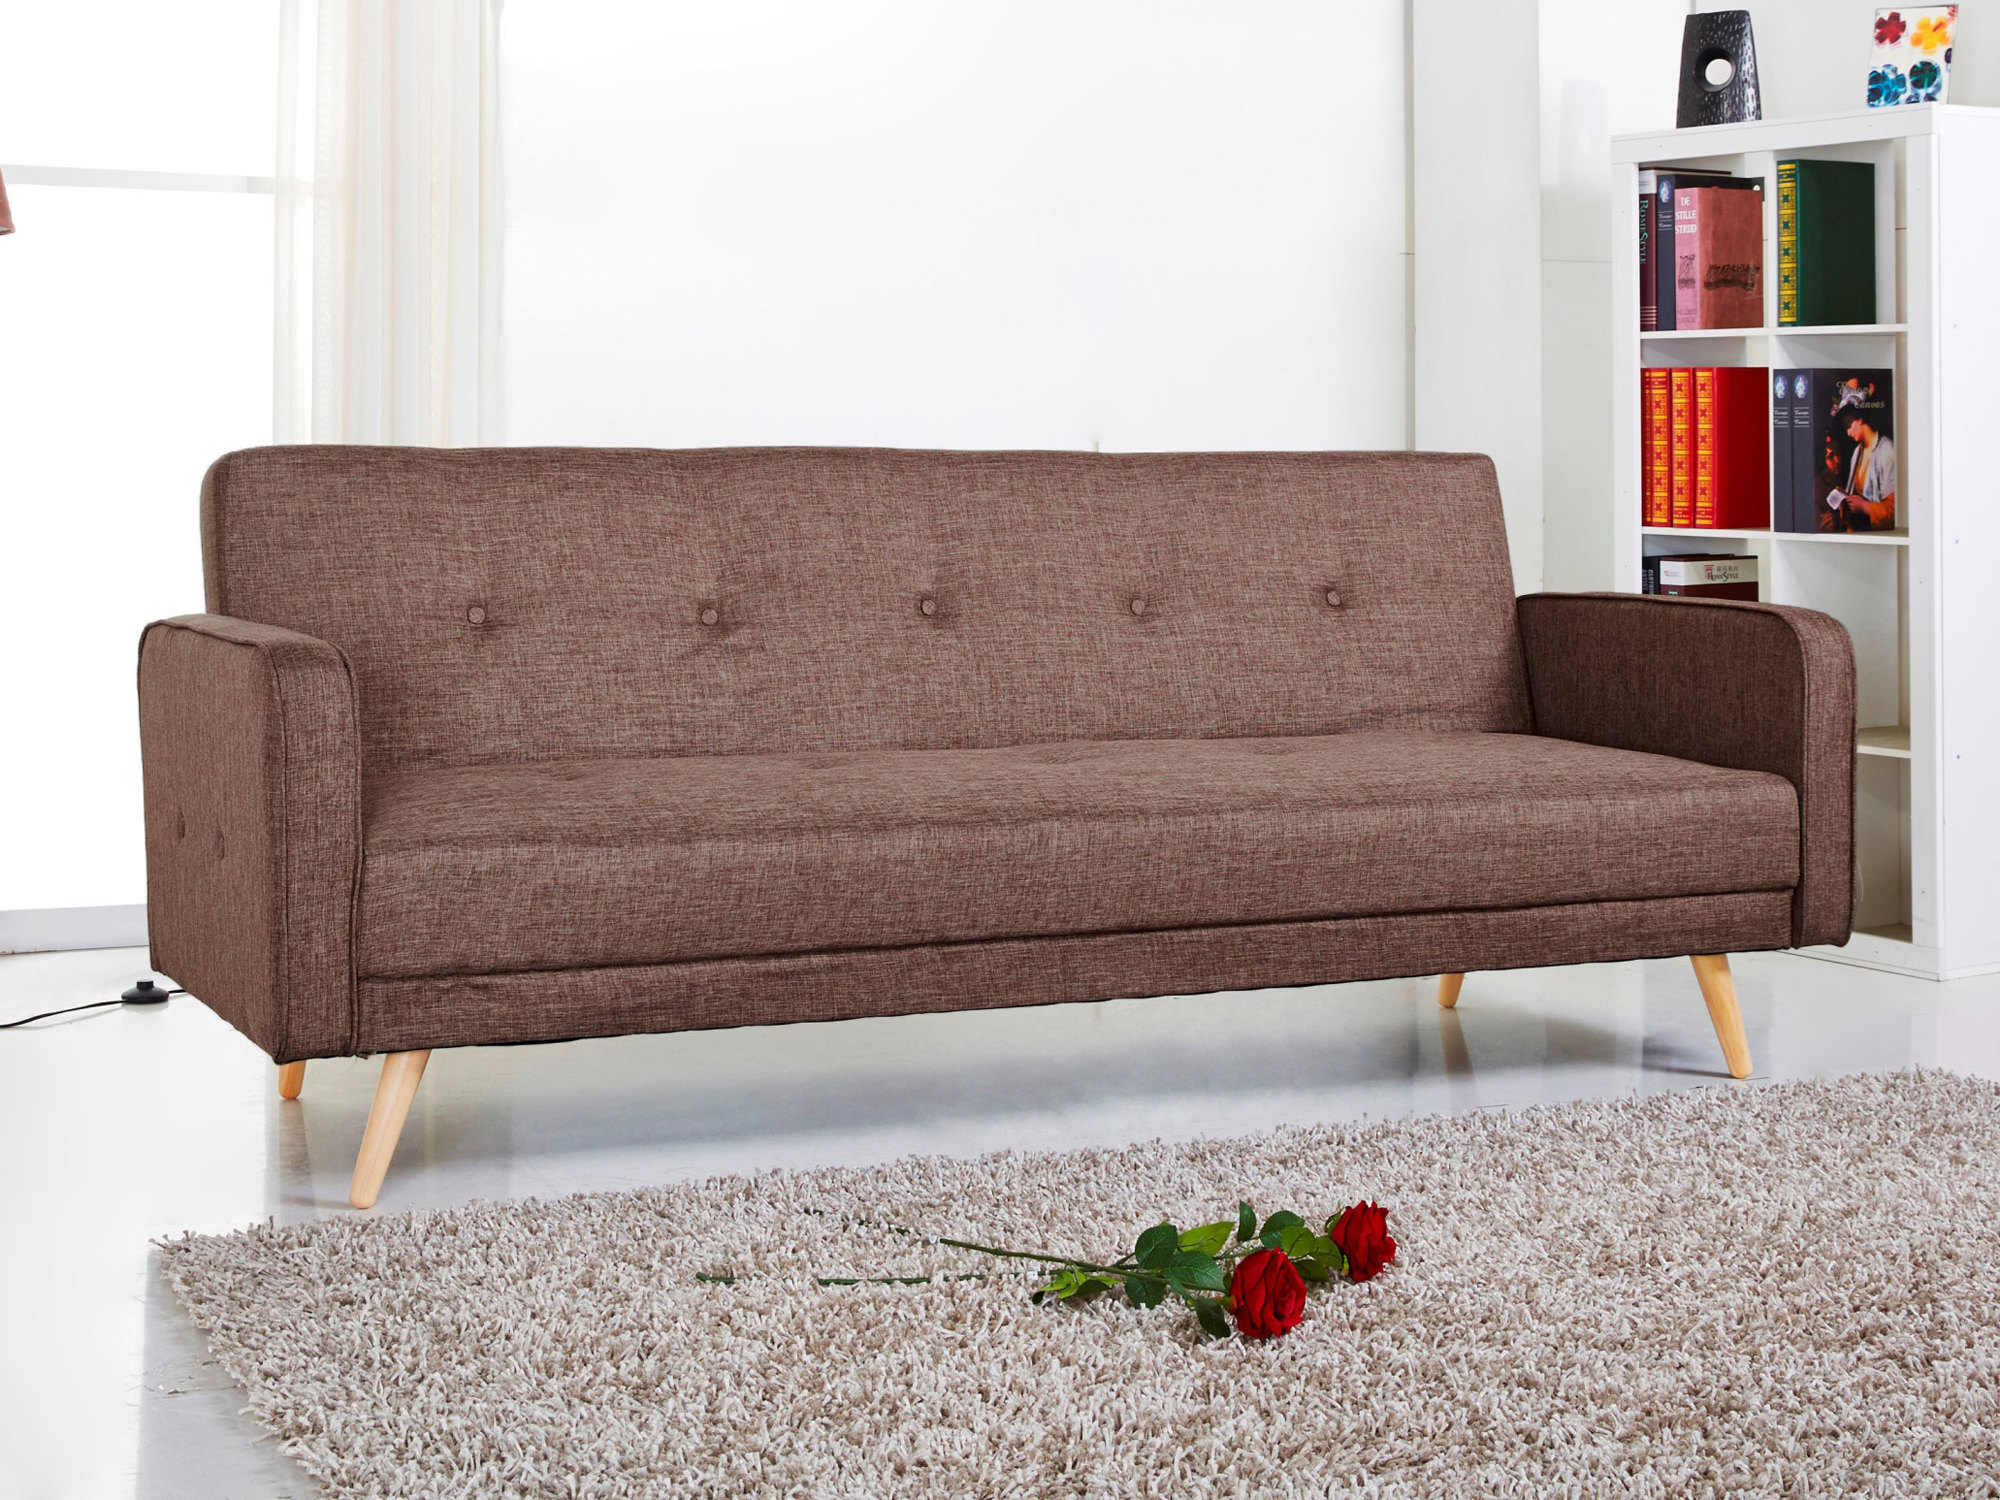 canap clic clac tissu 2 places pieds bois design lili maison et mobilier d 39 int rieur. Black Bedroom Furniture Sets. Home Design Ideas